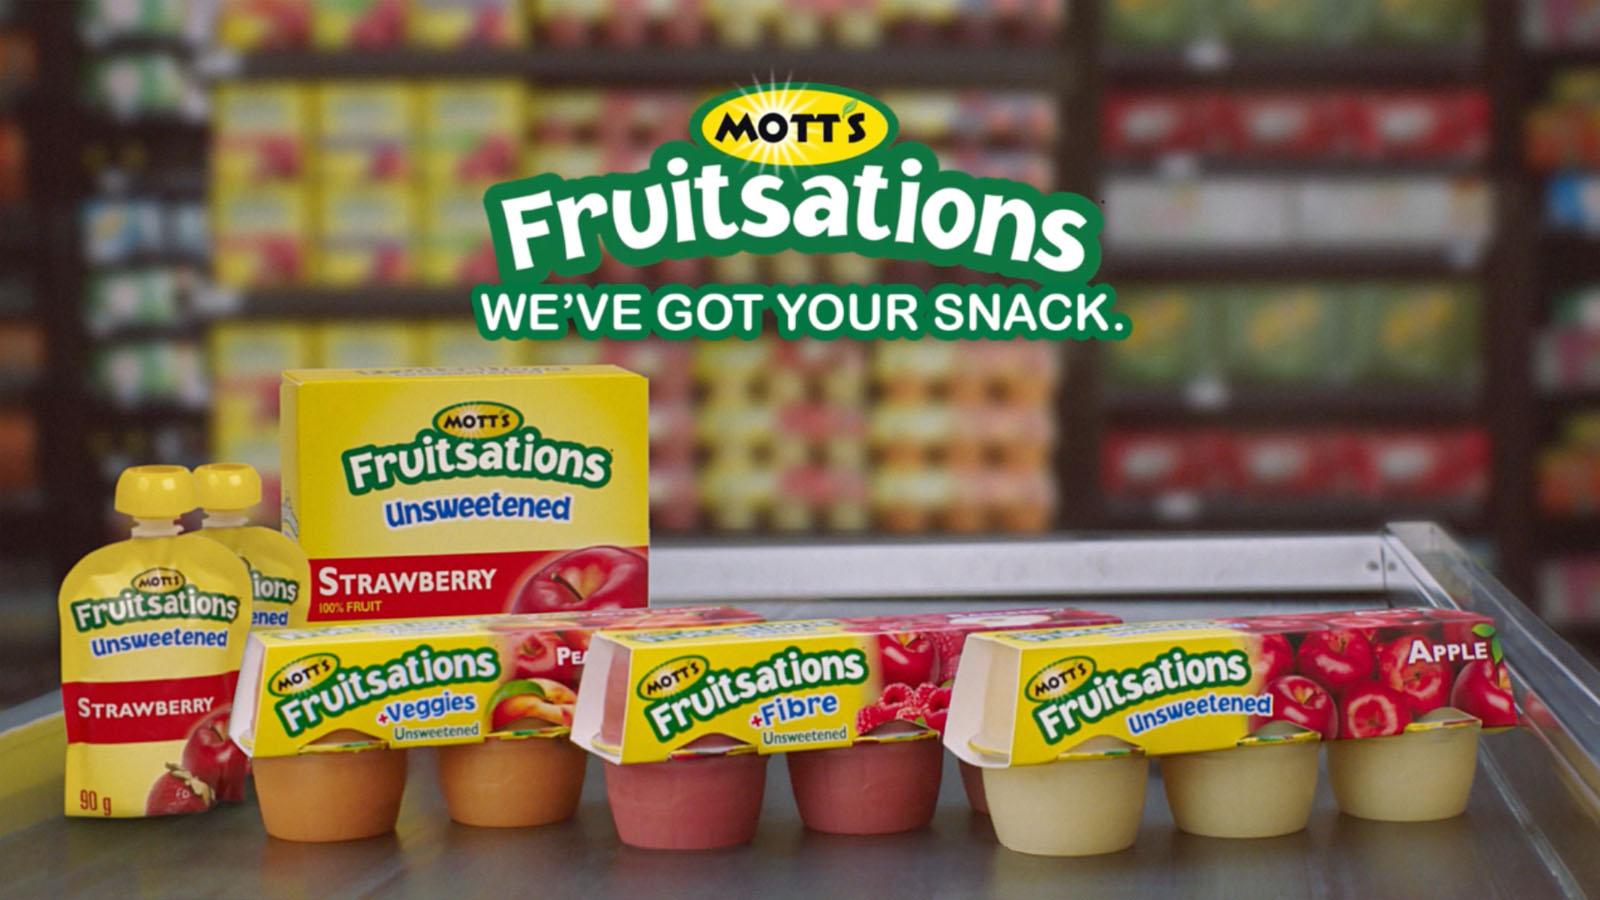 Canada Dry | Mott's Fruitsations | Advertising